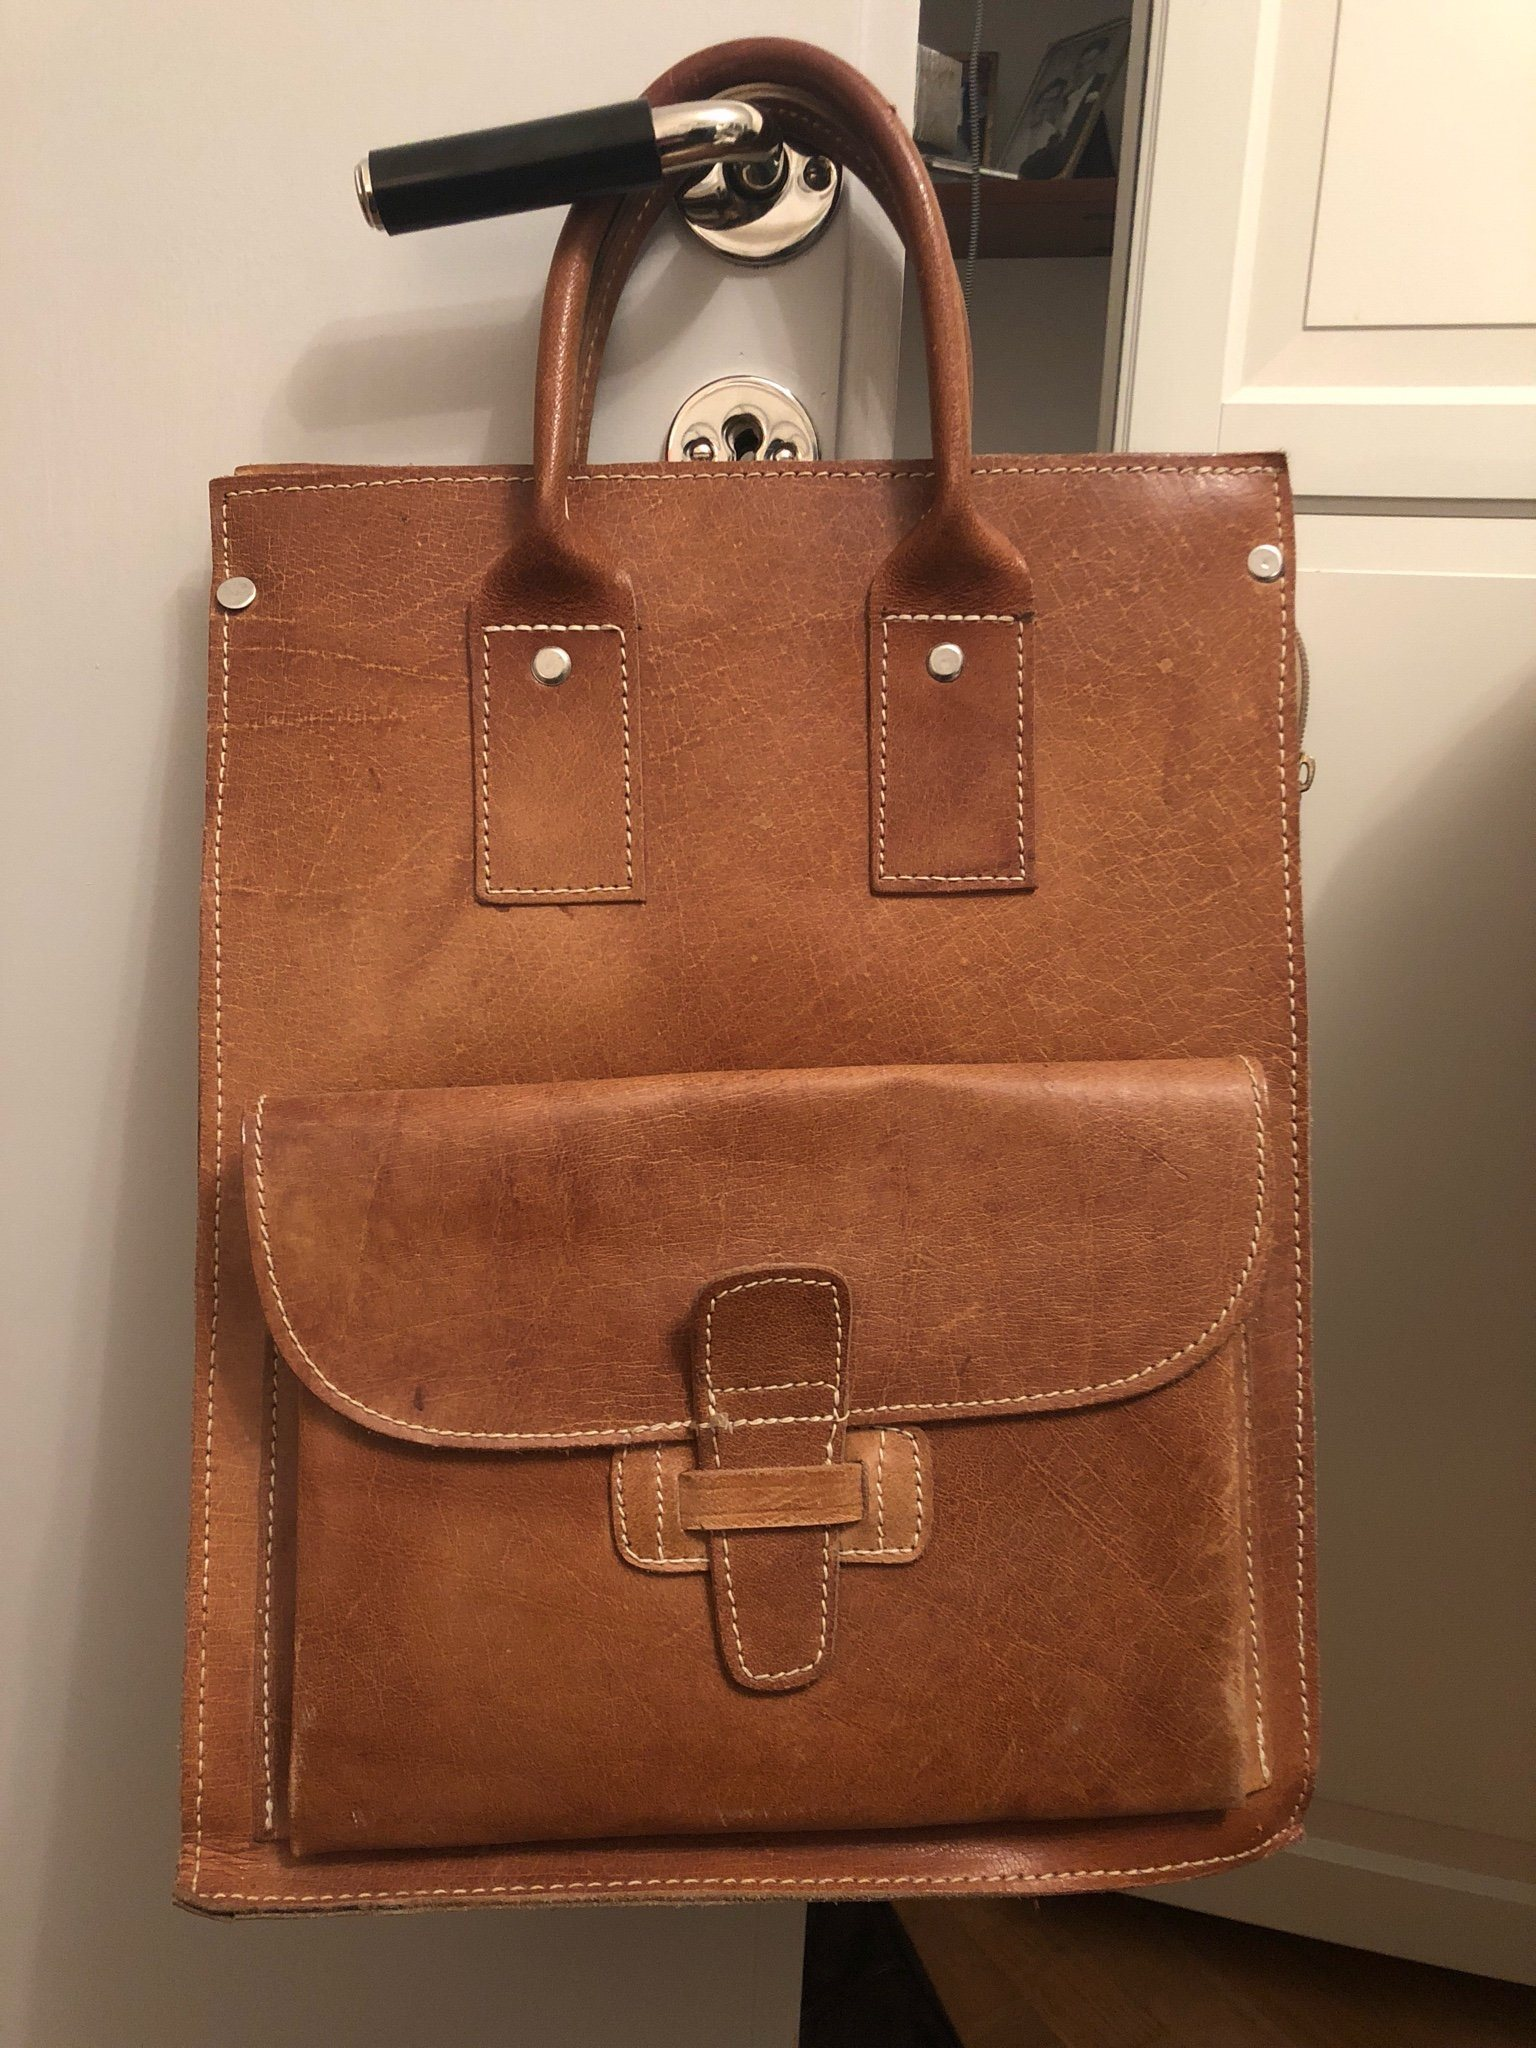 Brun väska i skinn äkta retro vintage (340365123) ᐈ Köp på Tradera 5817212db4c1e